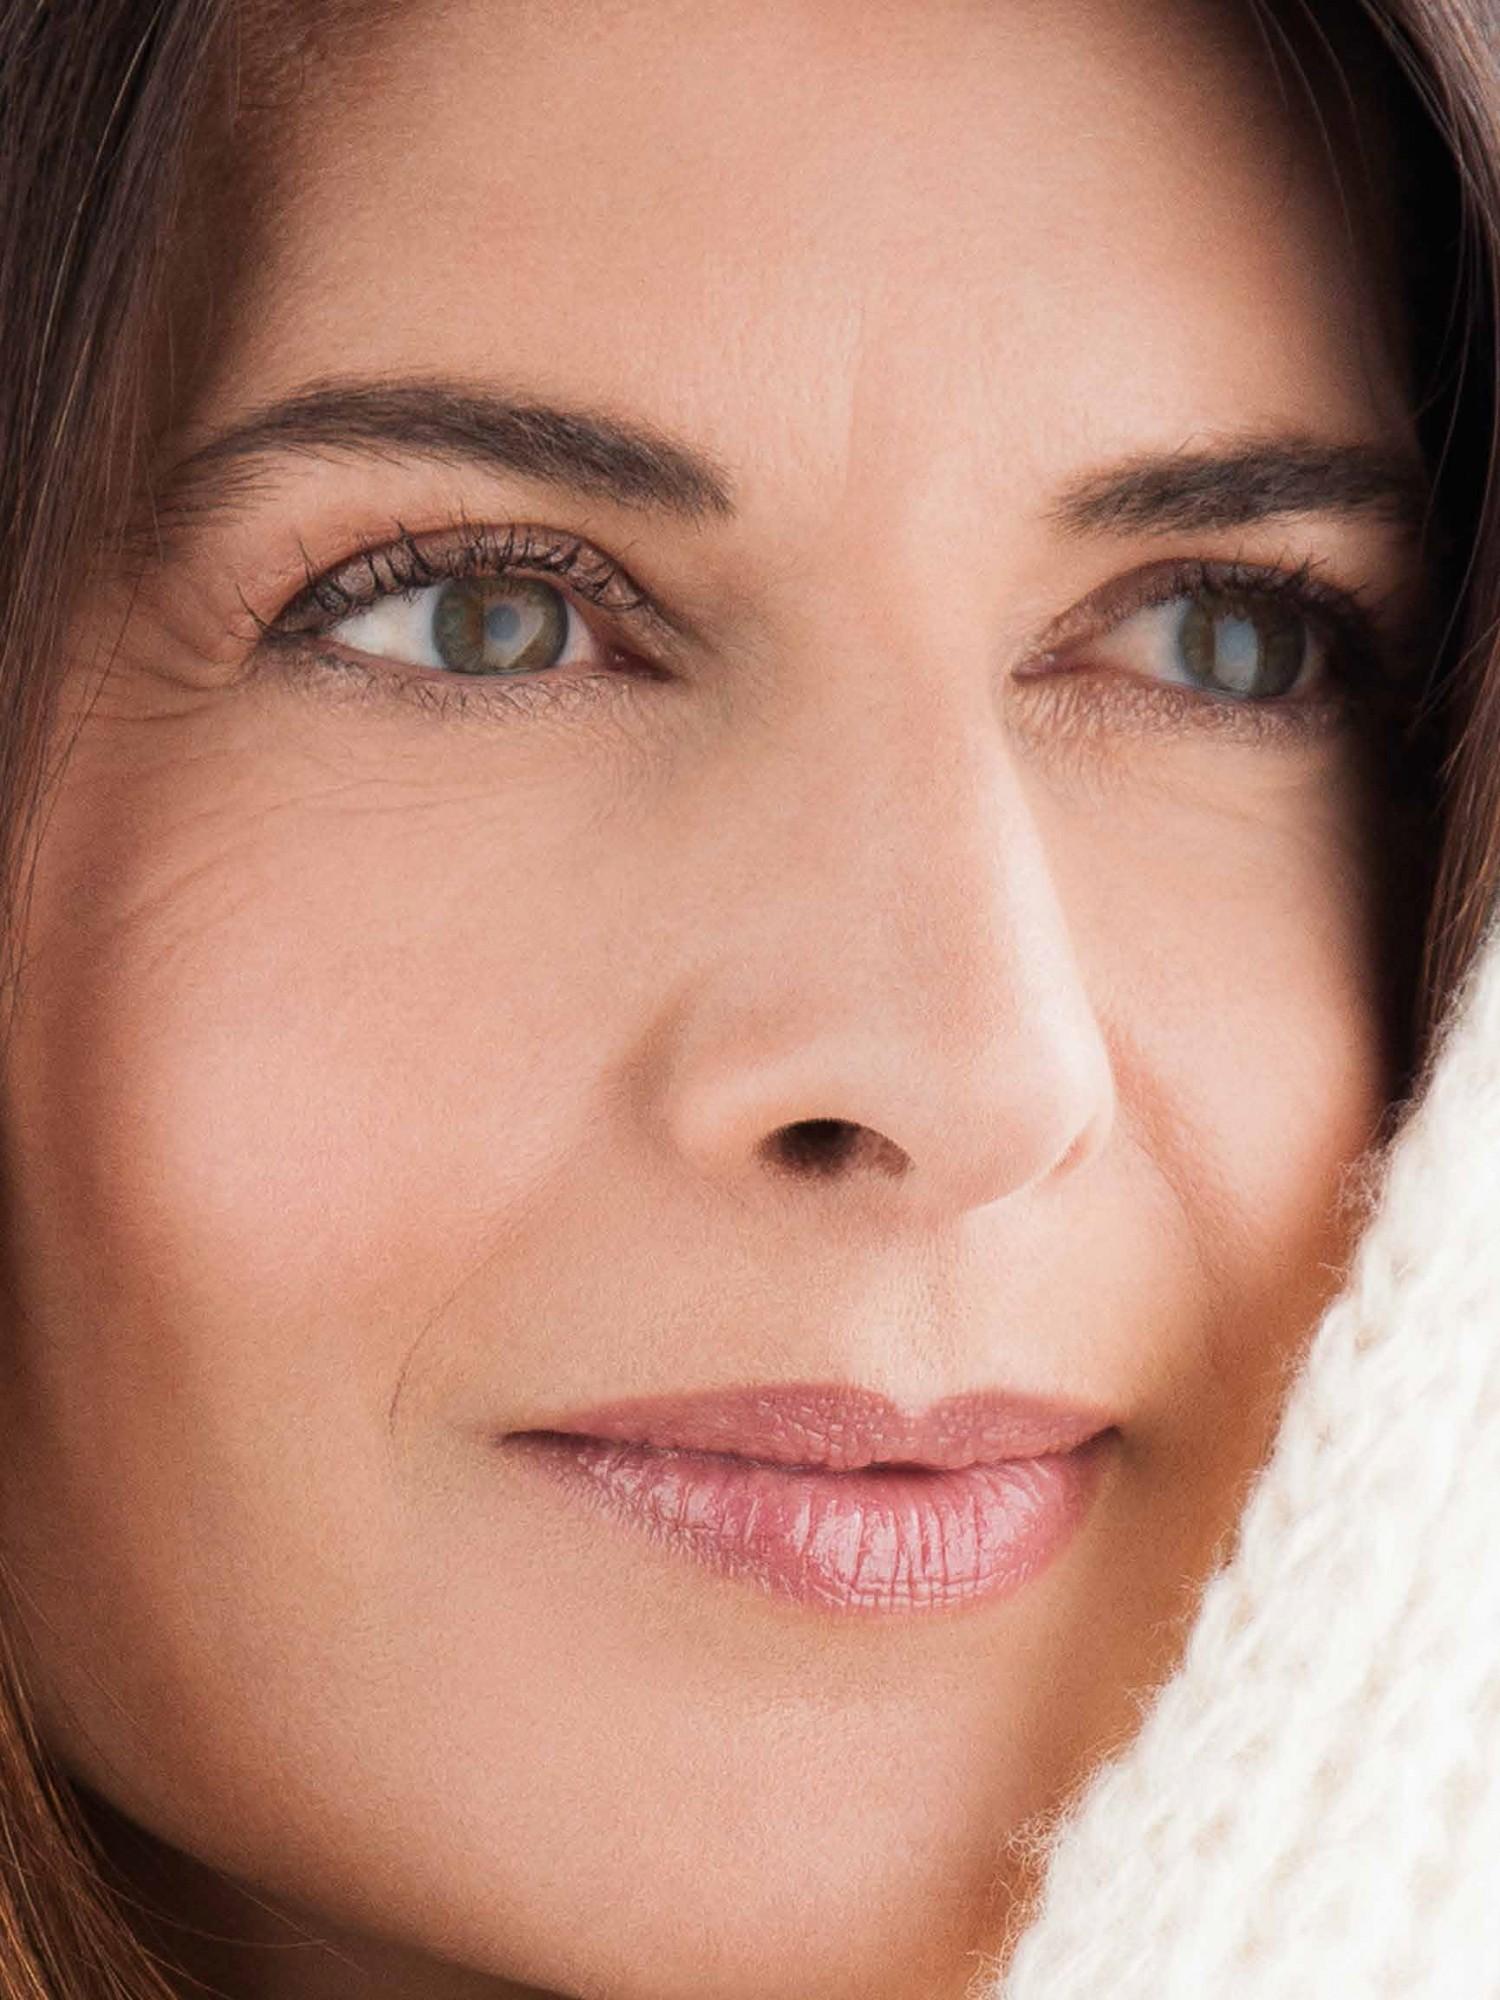 Les femmes, l'âge et la beauté